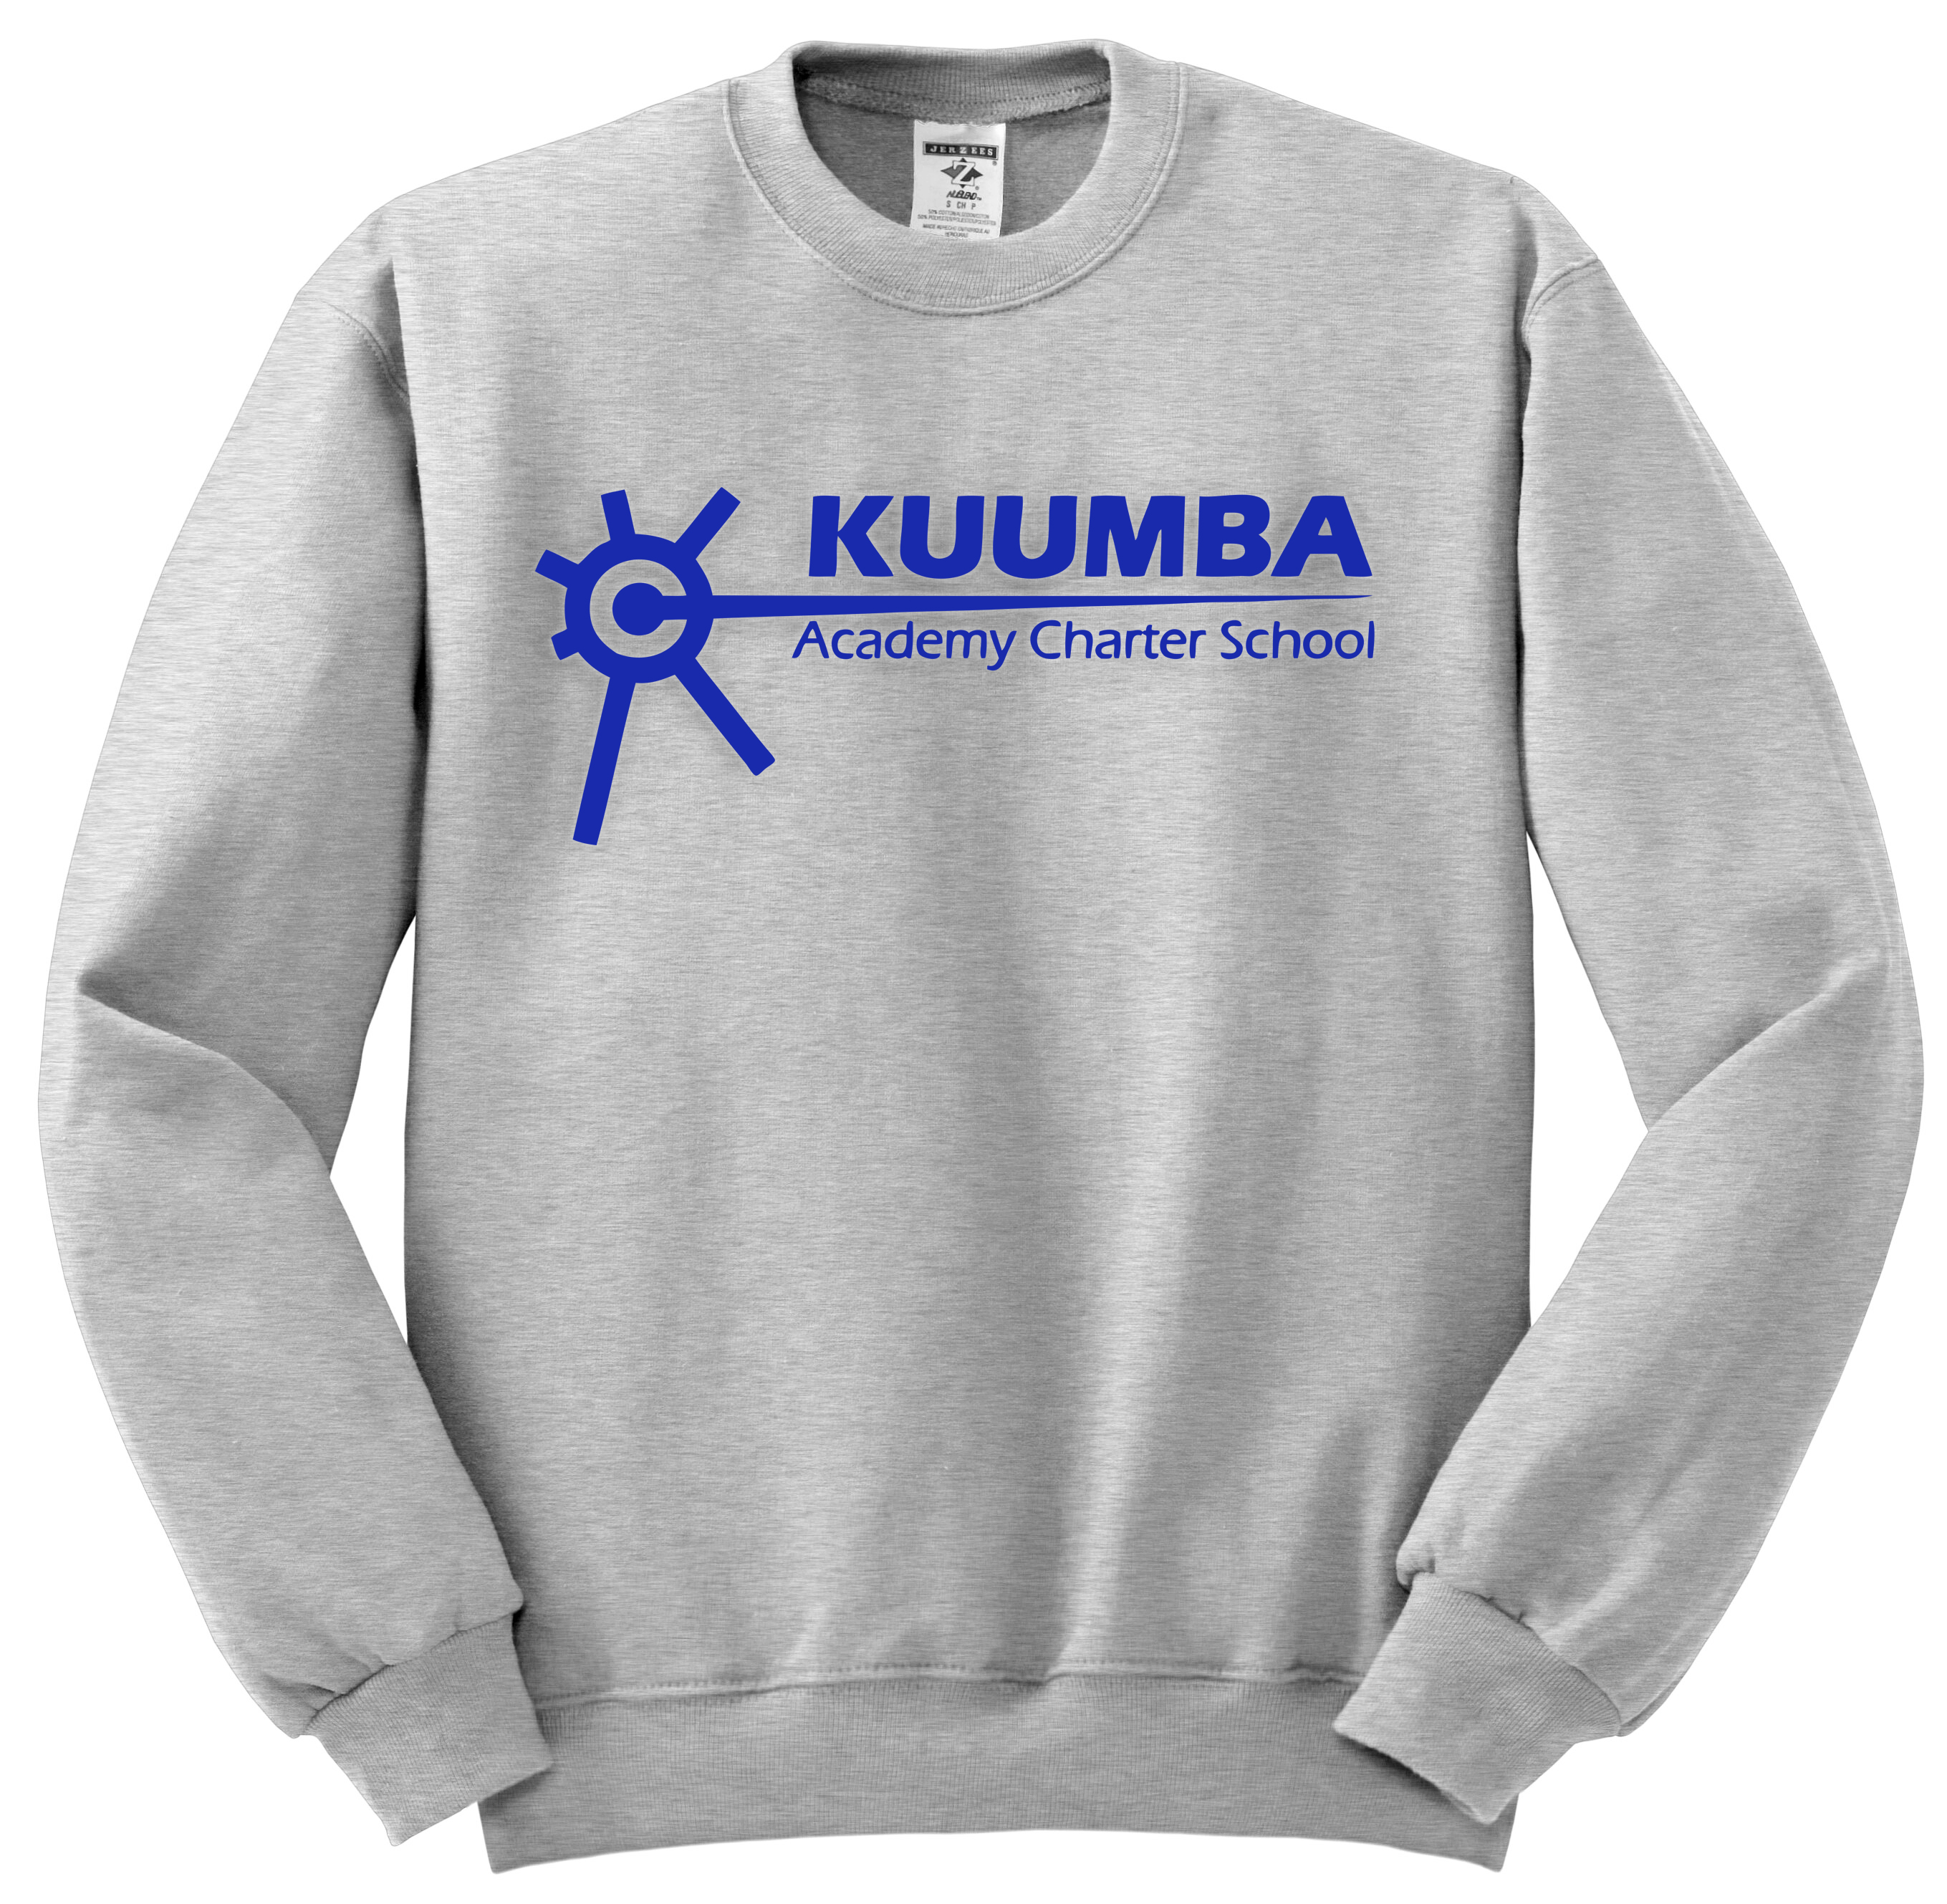 Kuumba Academy Charter School